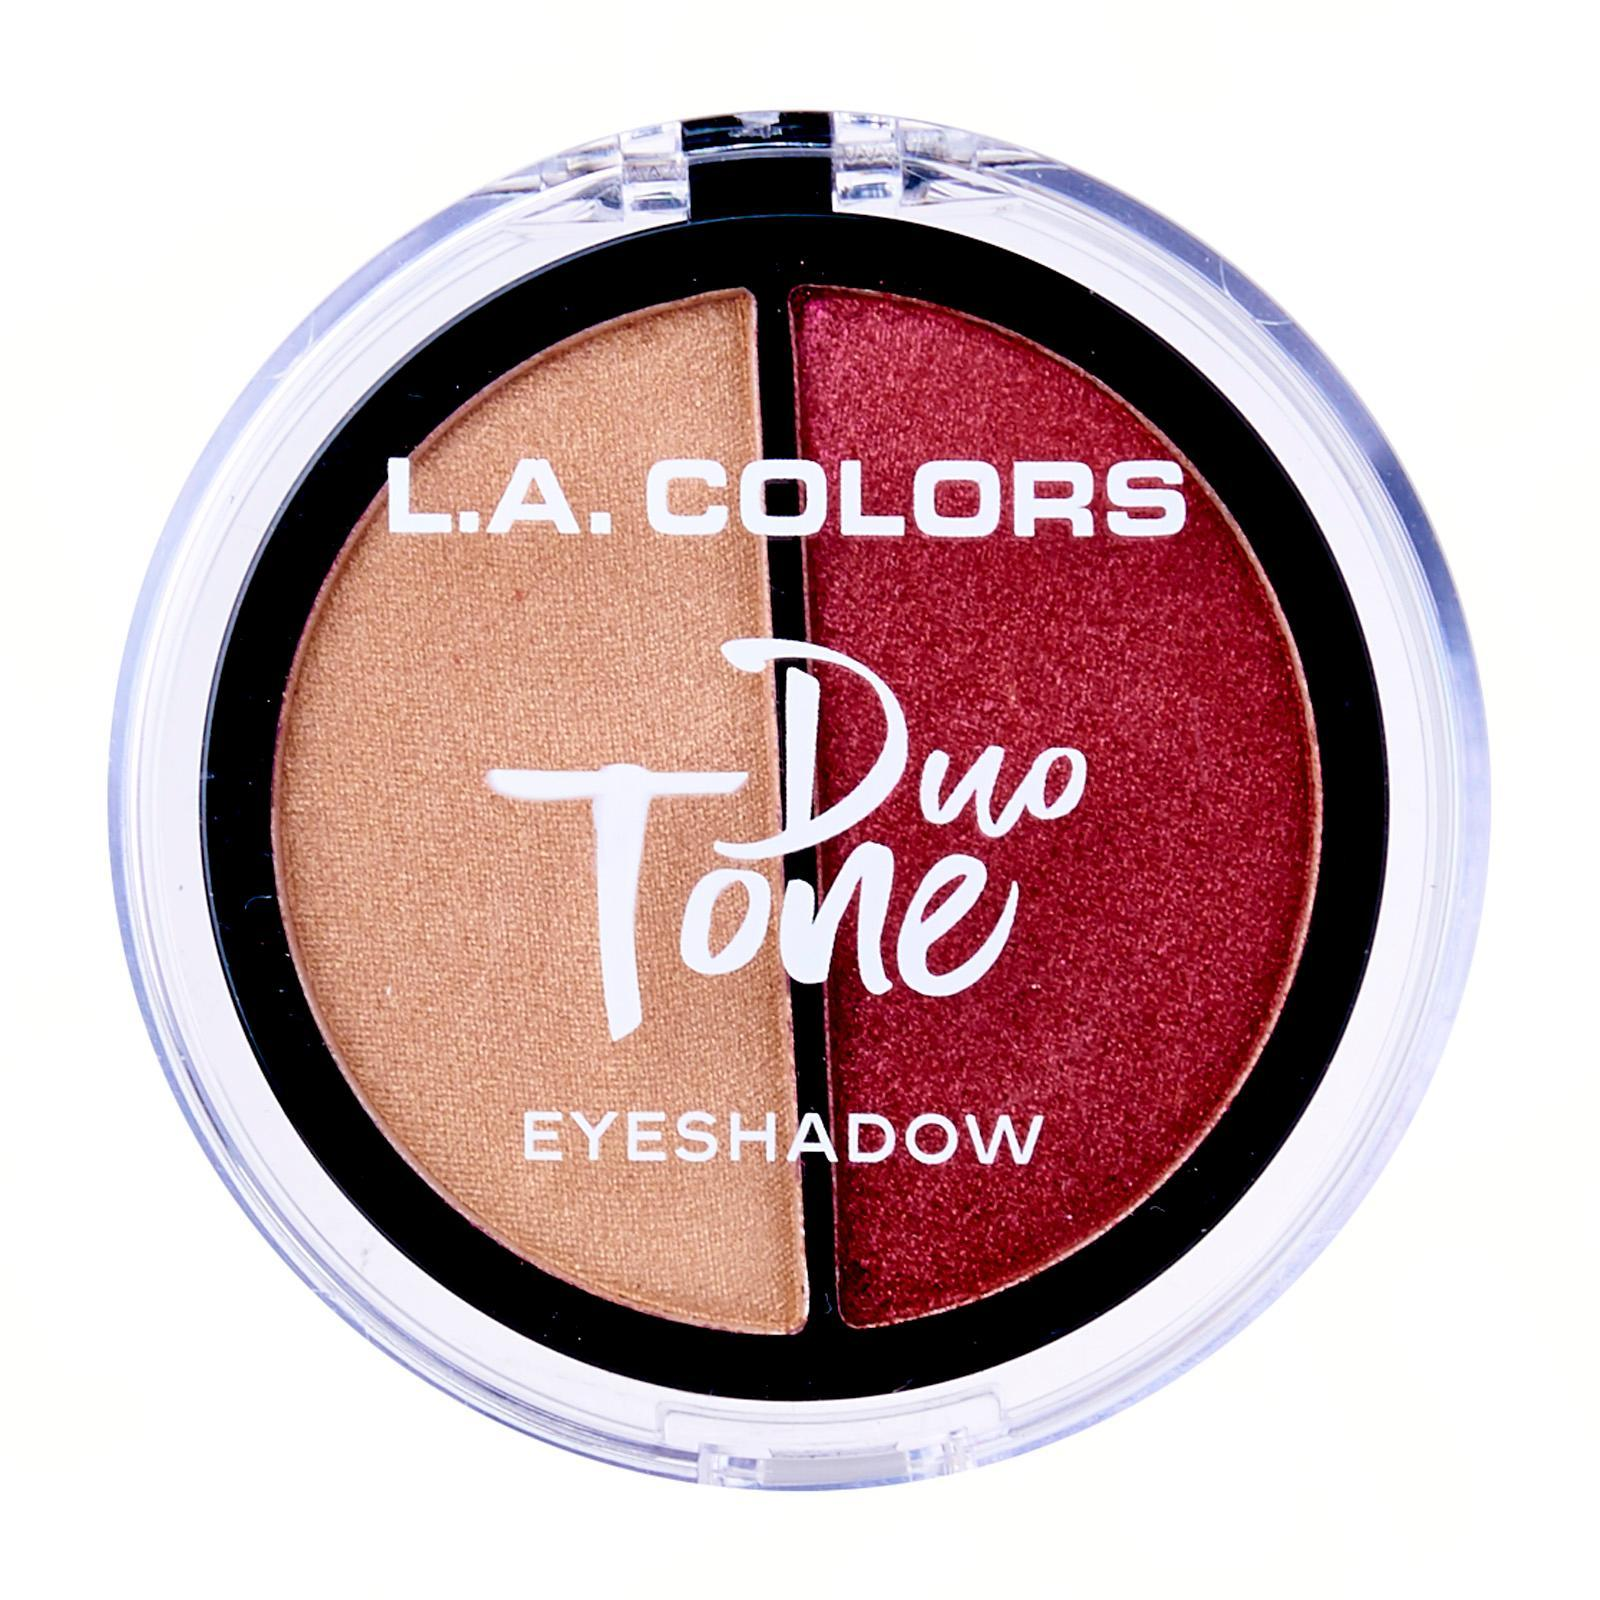 L.A. Colors Duo Tone Eyeshadow - Ces268 Renaissance